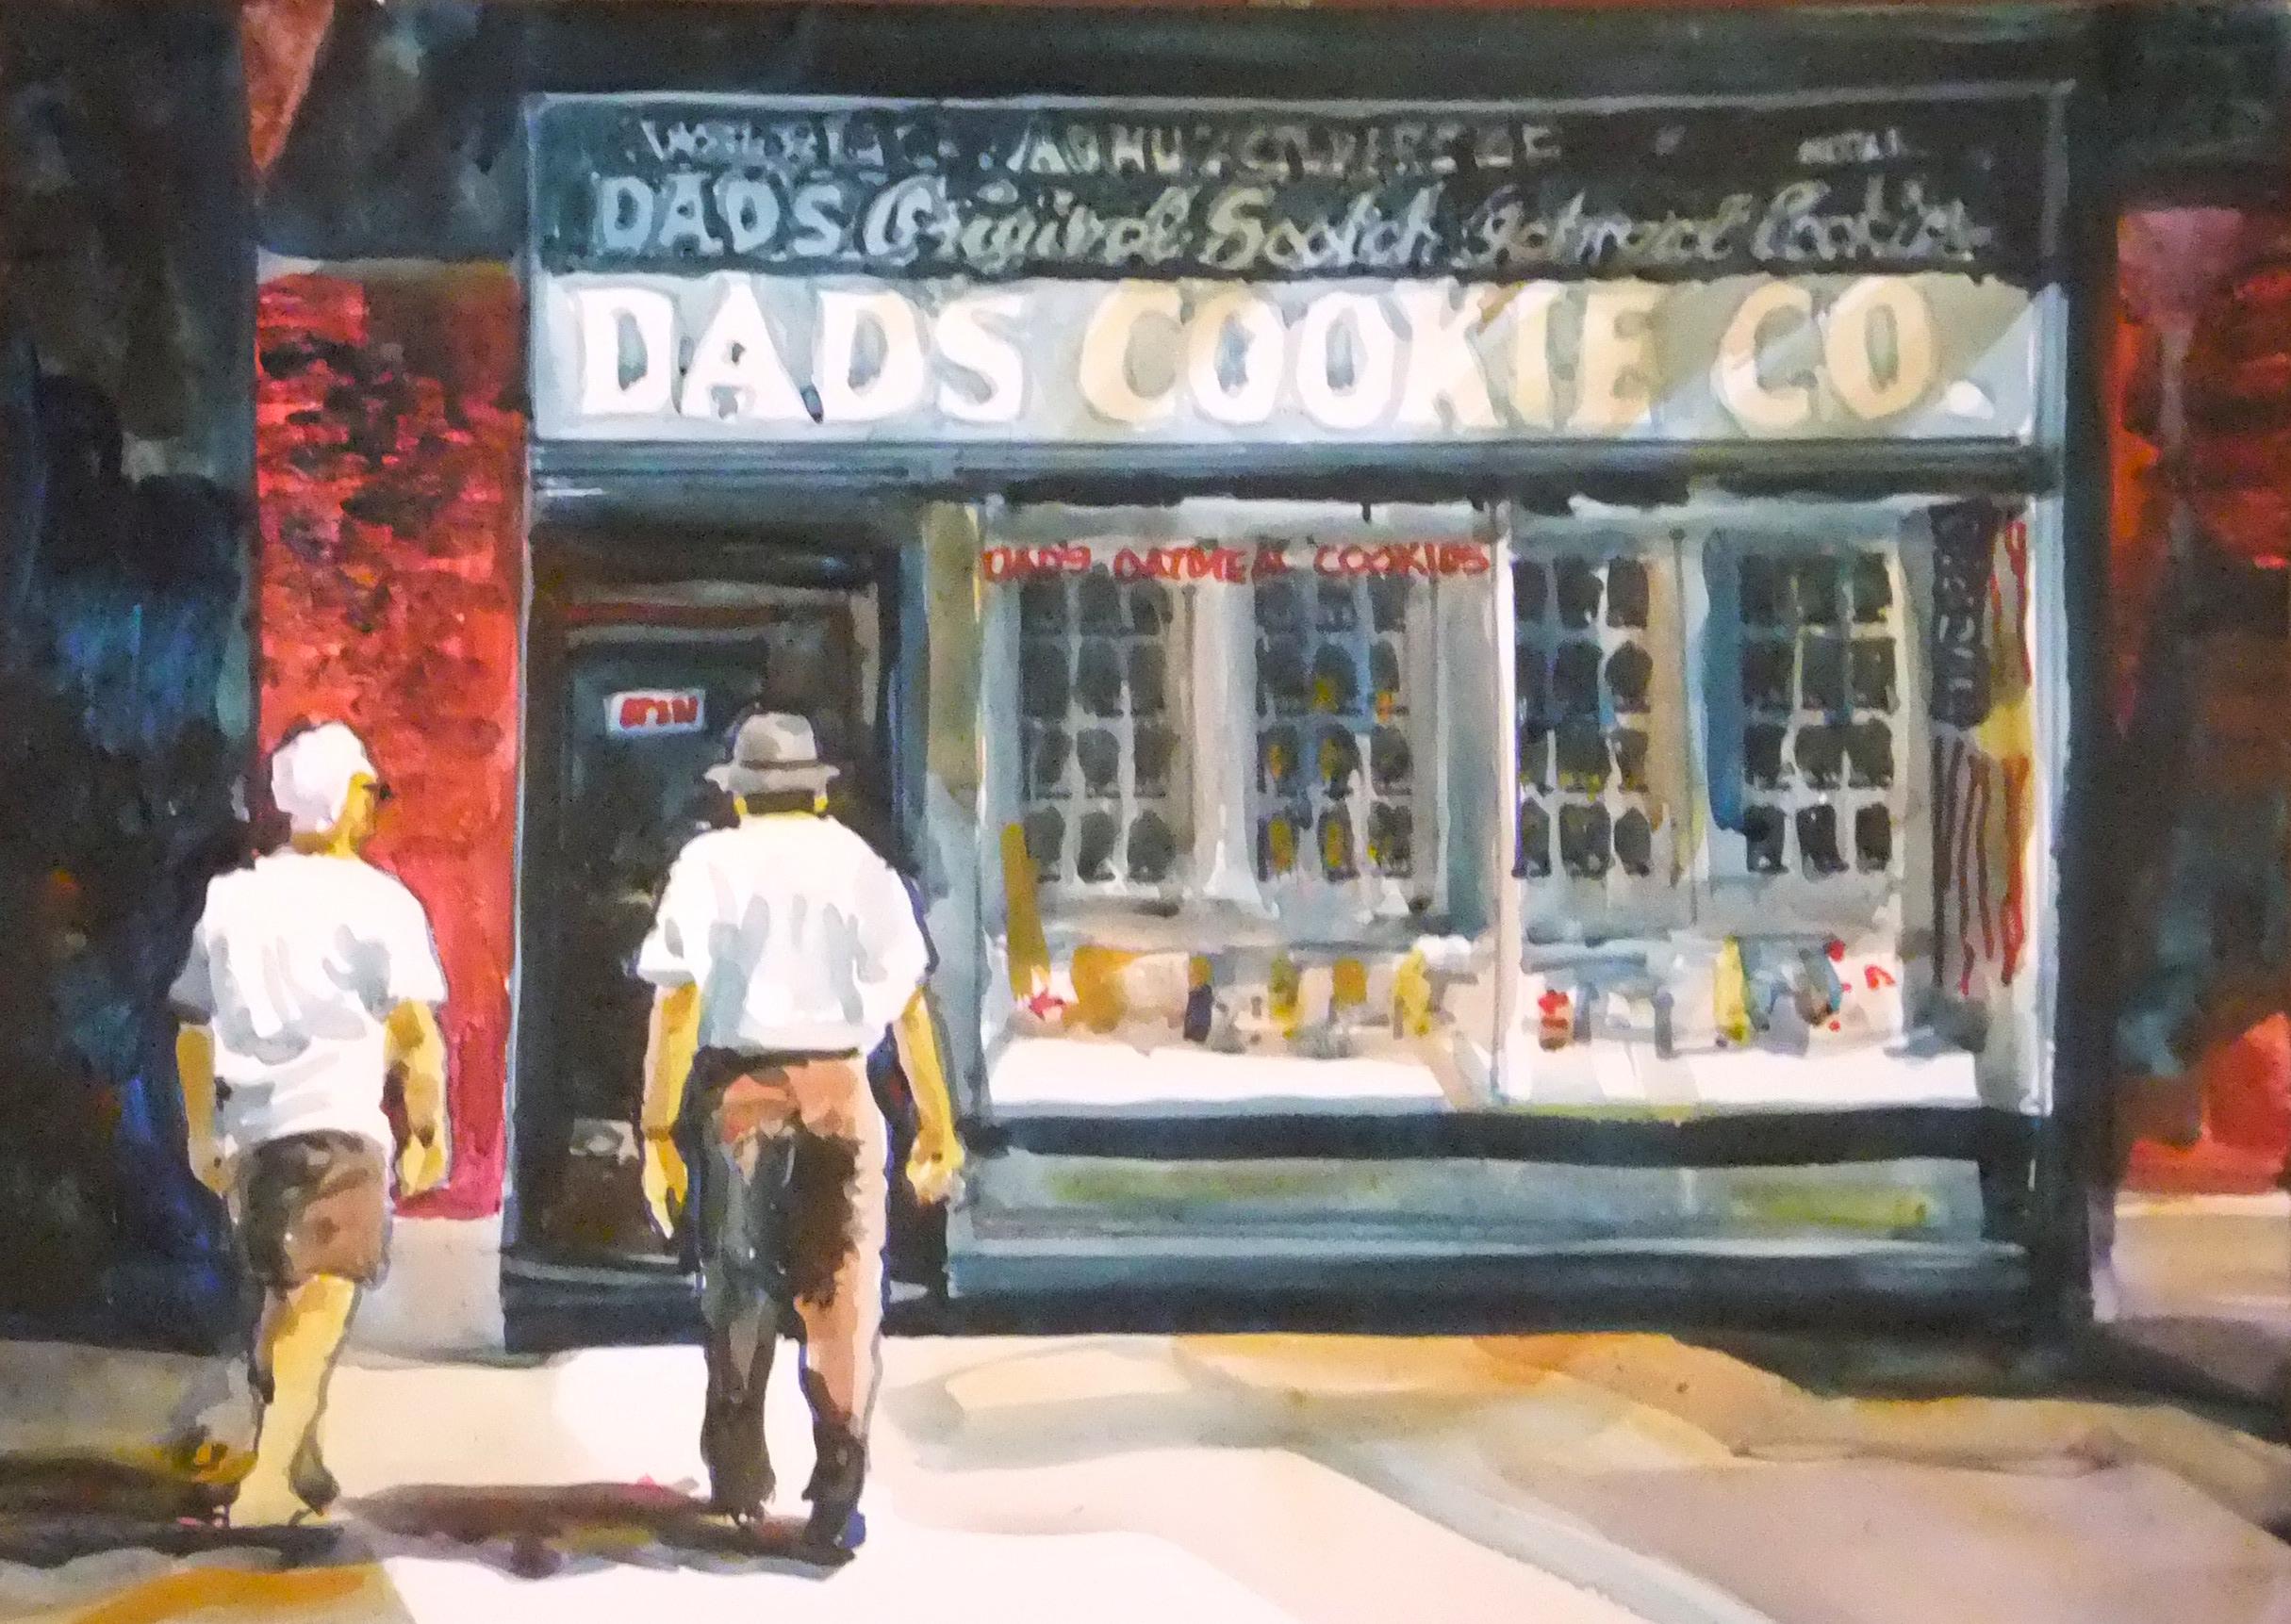 631 Dad's Cookies